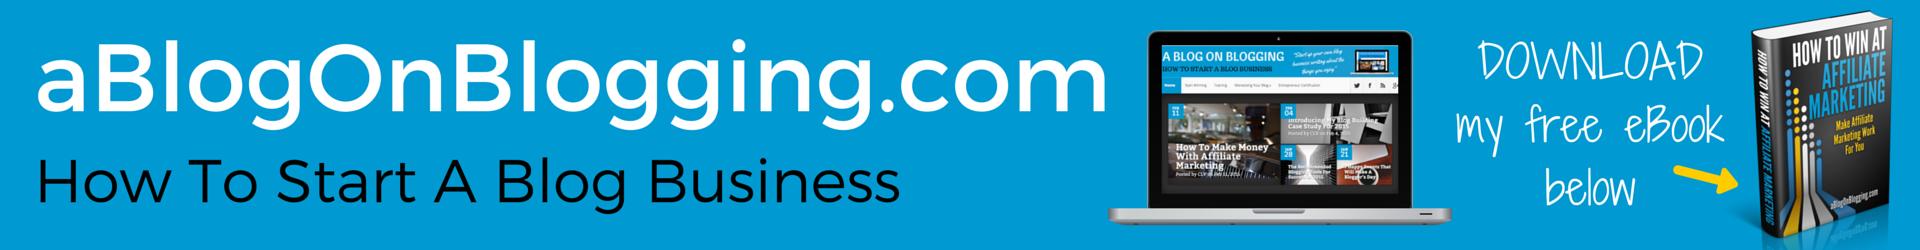 A Blog On Blogging